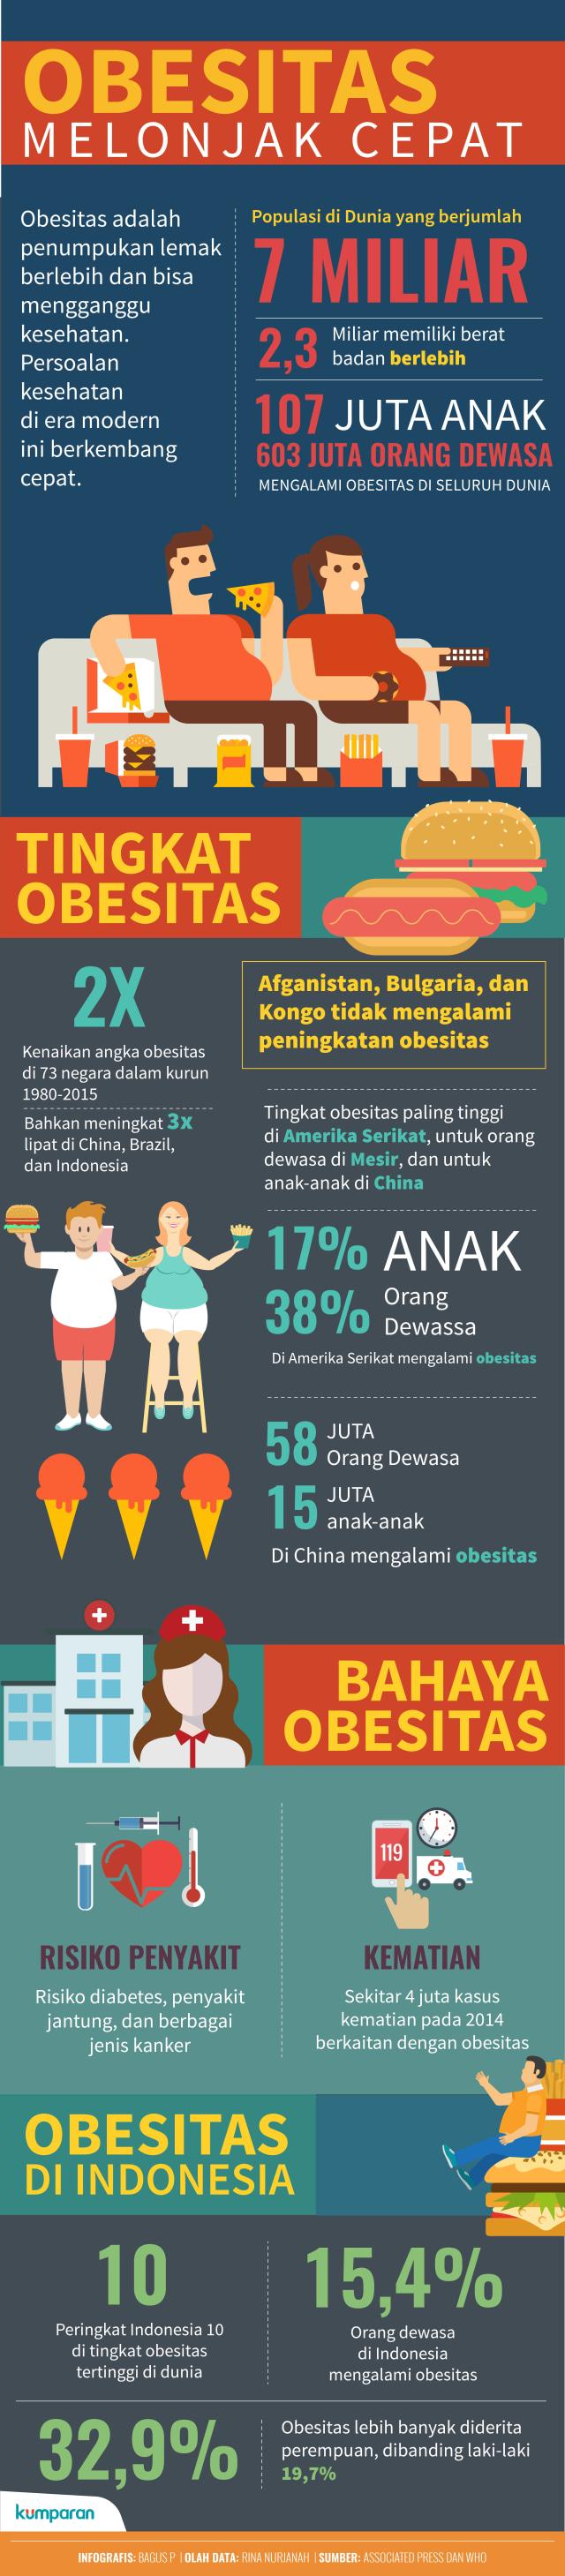 1 dari 10 Orang di Dunia Mengalami Obesitas (362456)